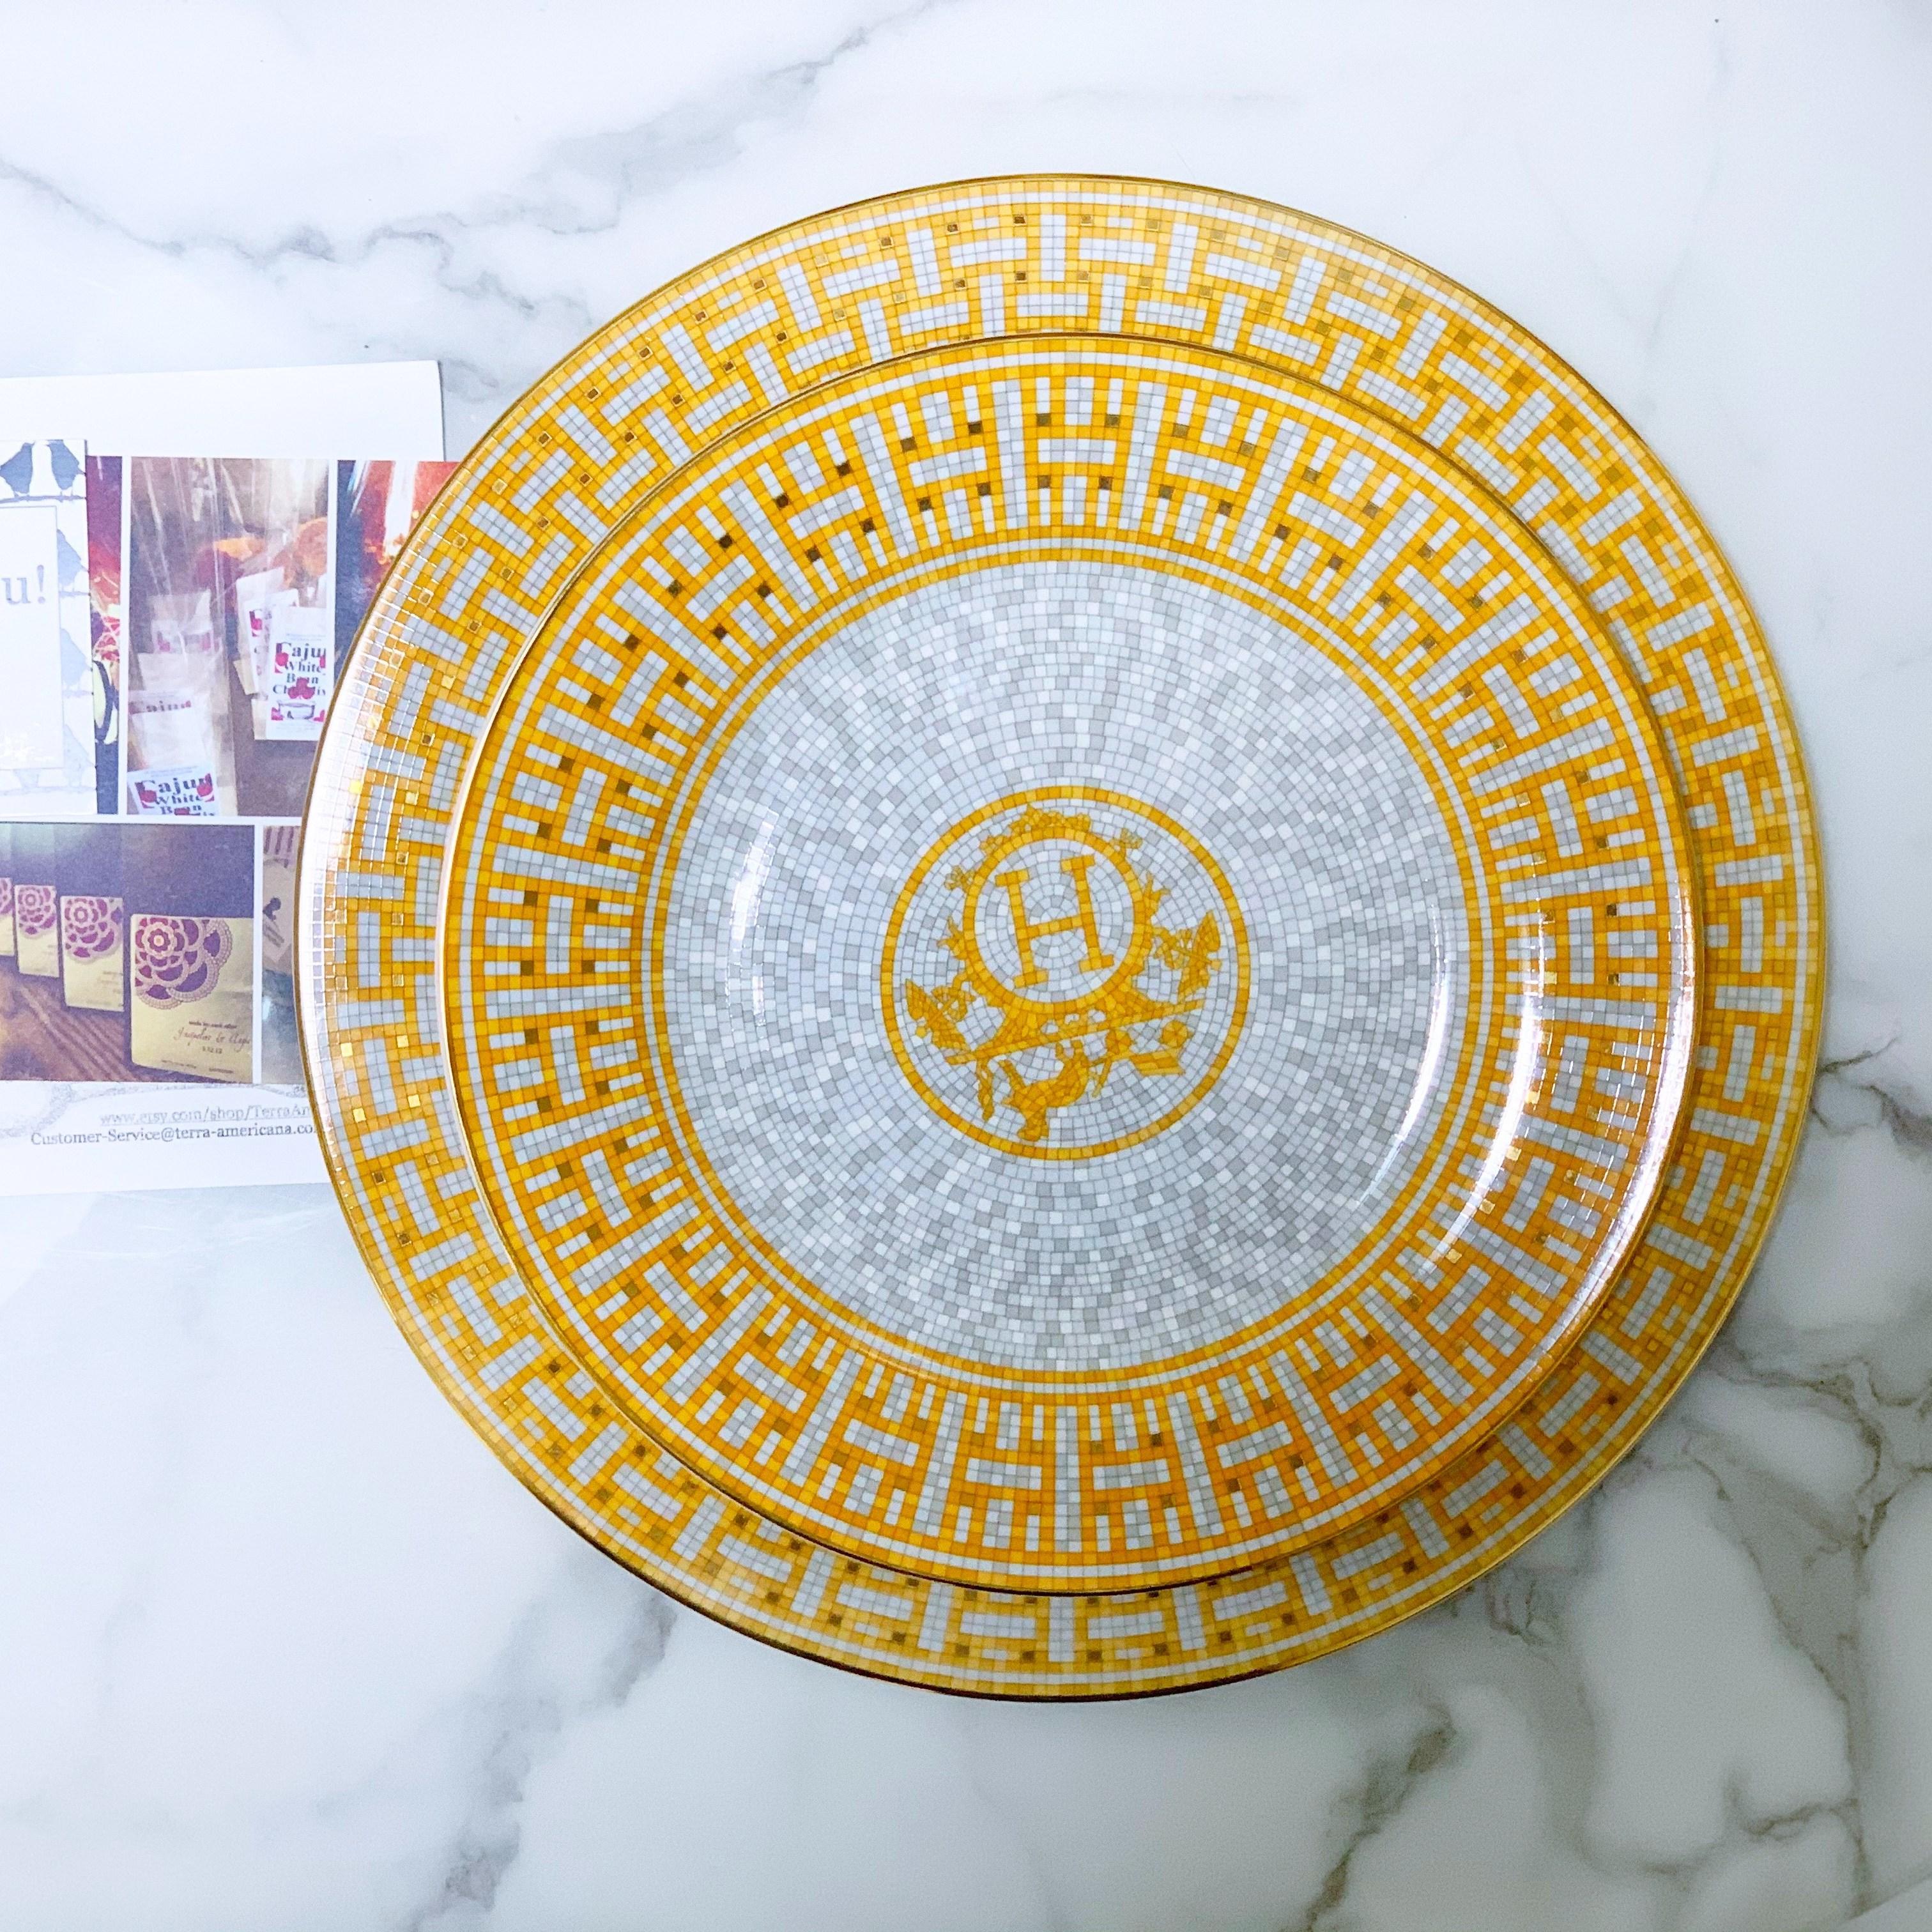 피카홈 모자이크 H플레이트 접시, 2개, 디자인1